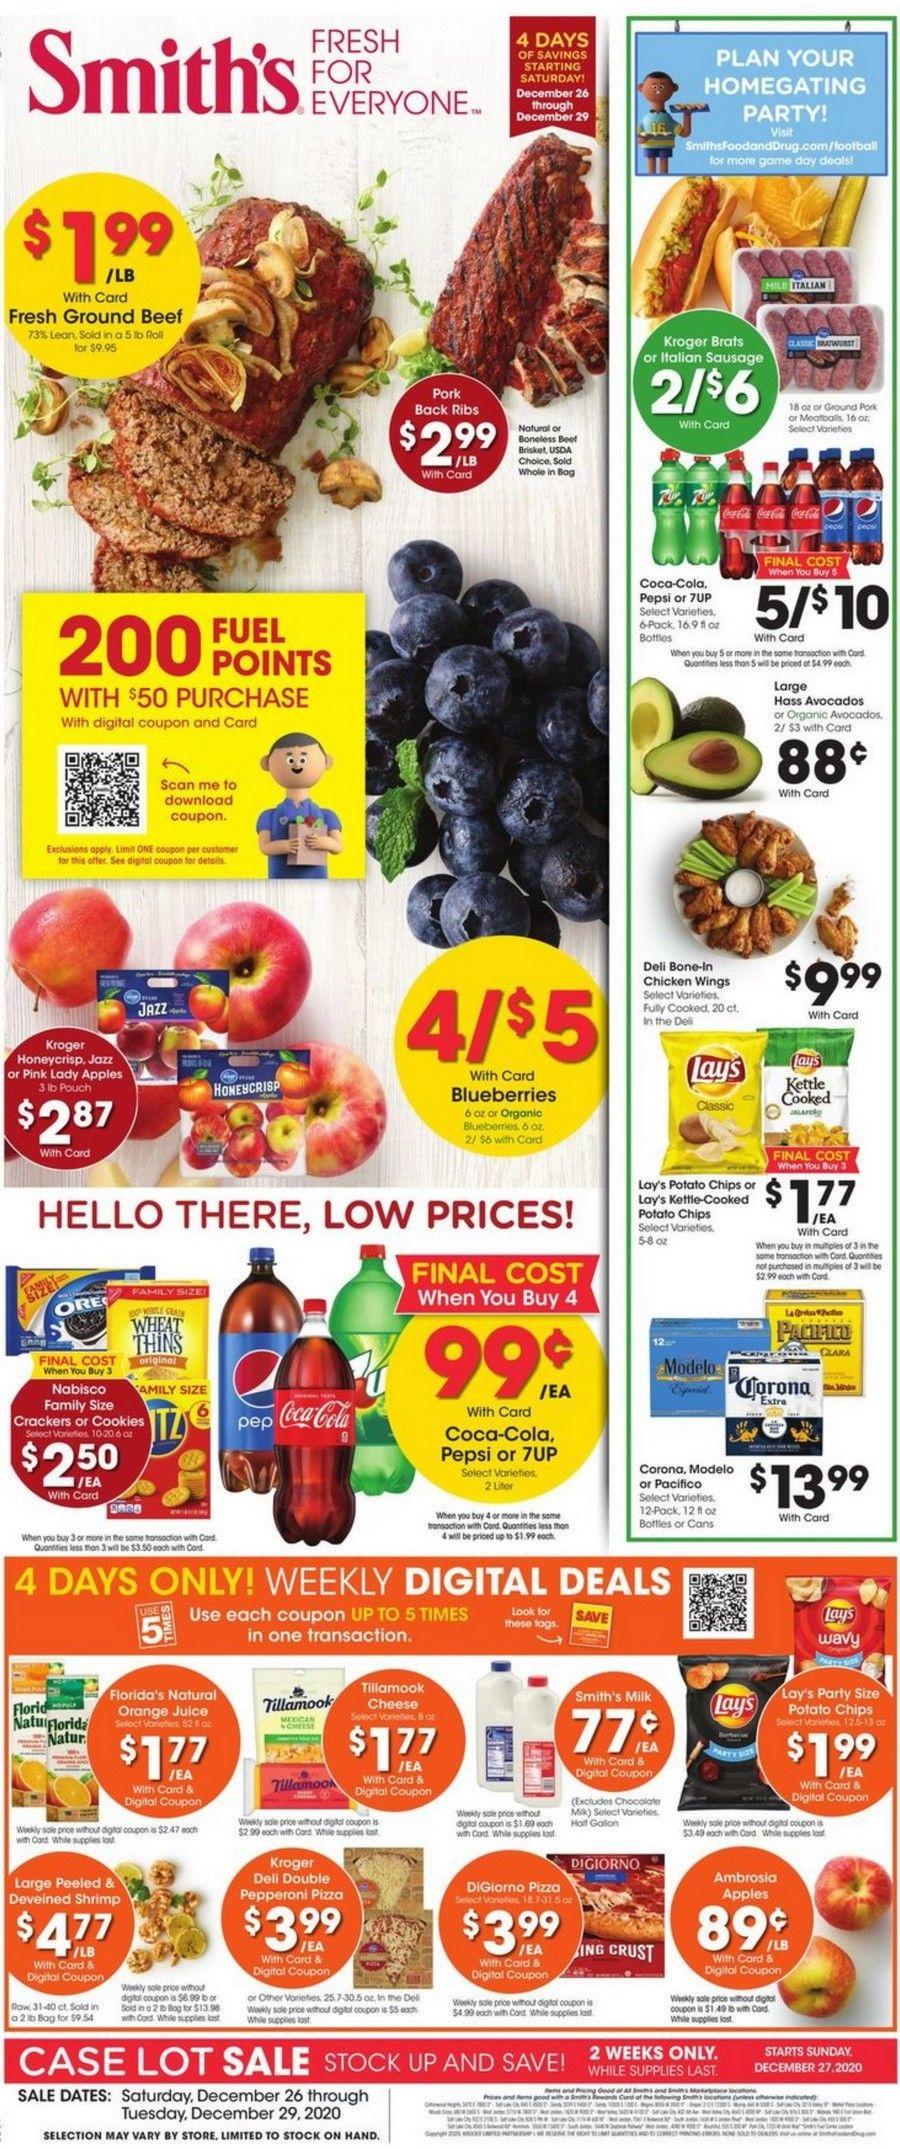 Smith's Food and Drug Weekly Circular Dec 26 - Dec 29, 2020